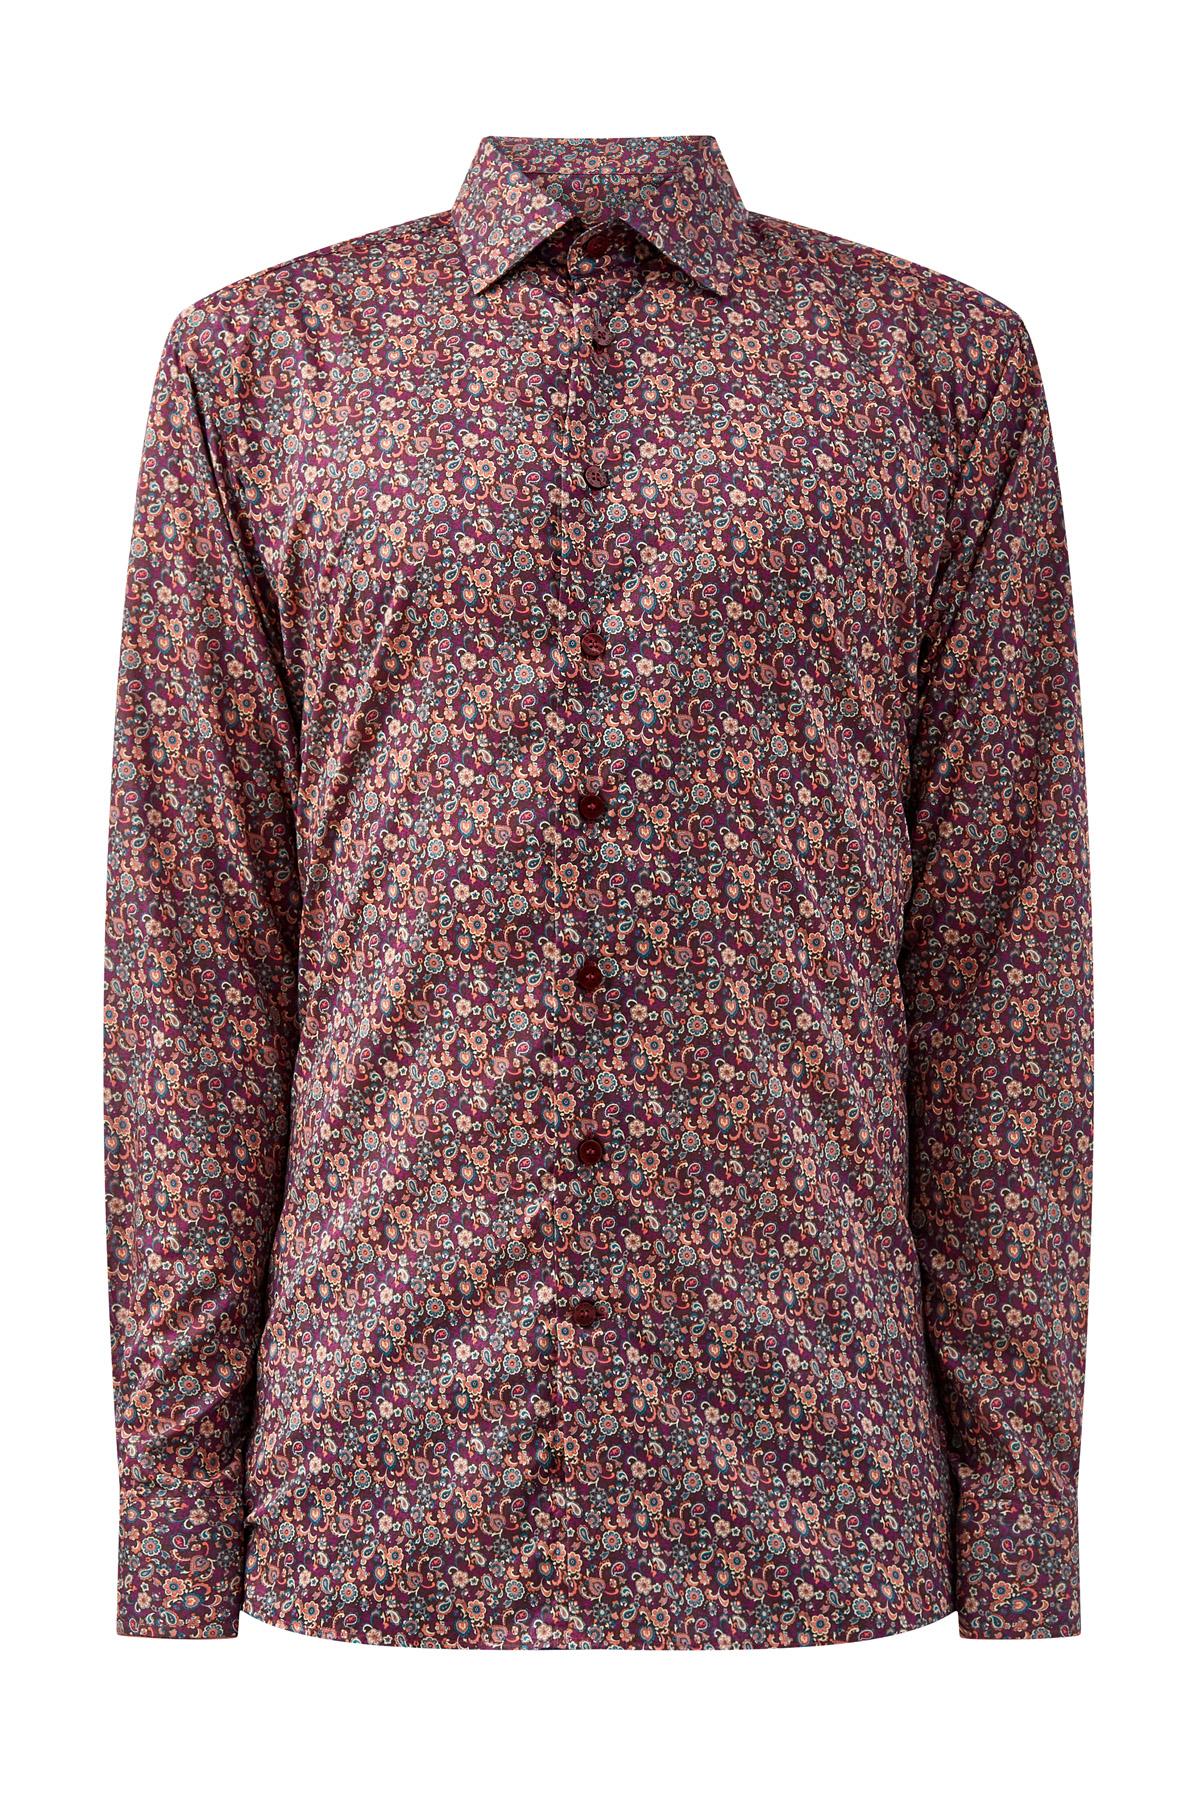 Рубашка с принтом пейсли из хлопка фото